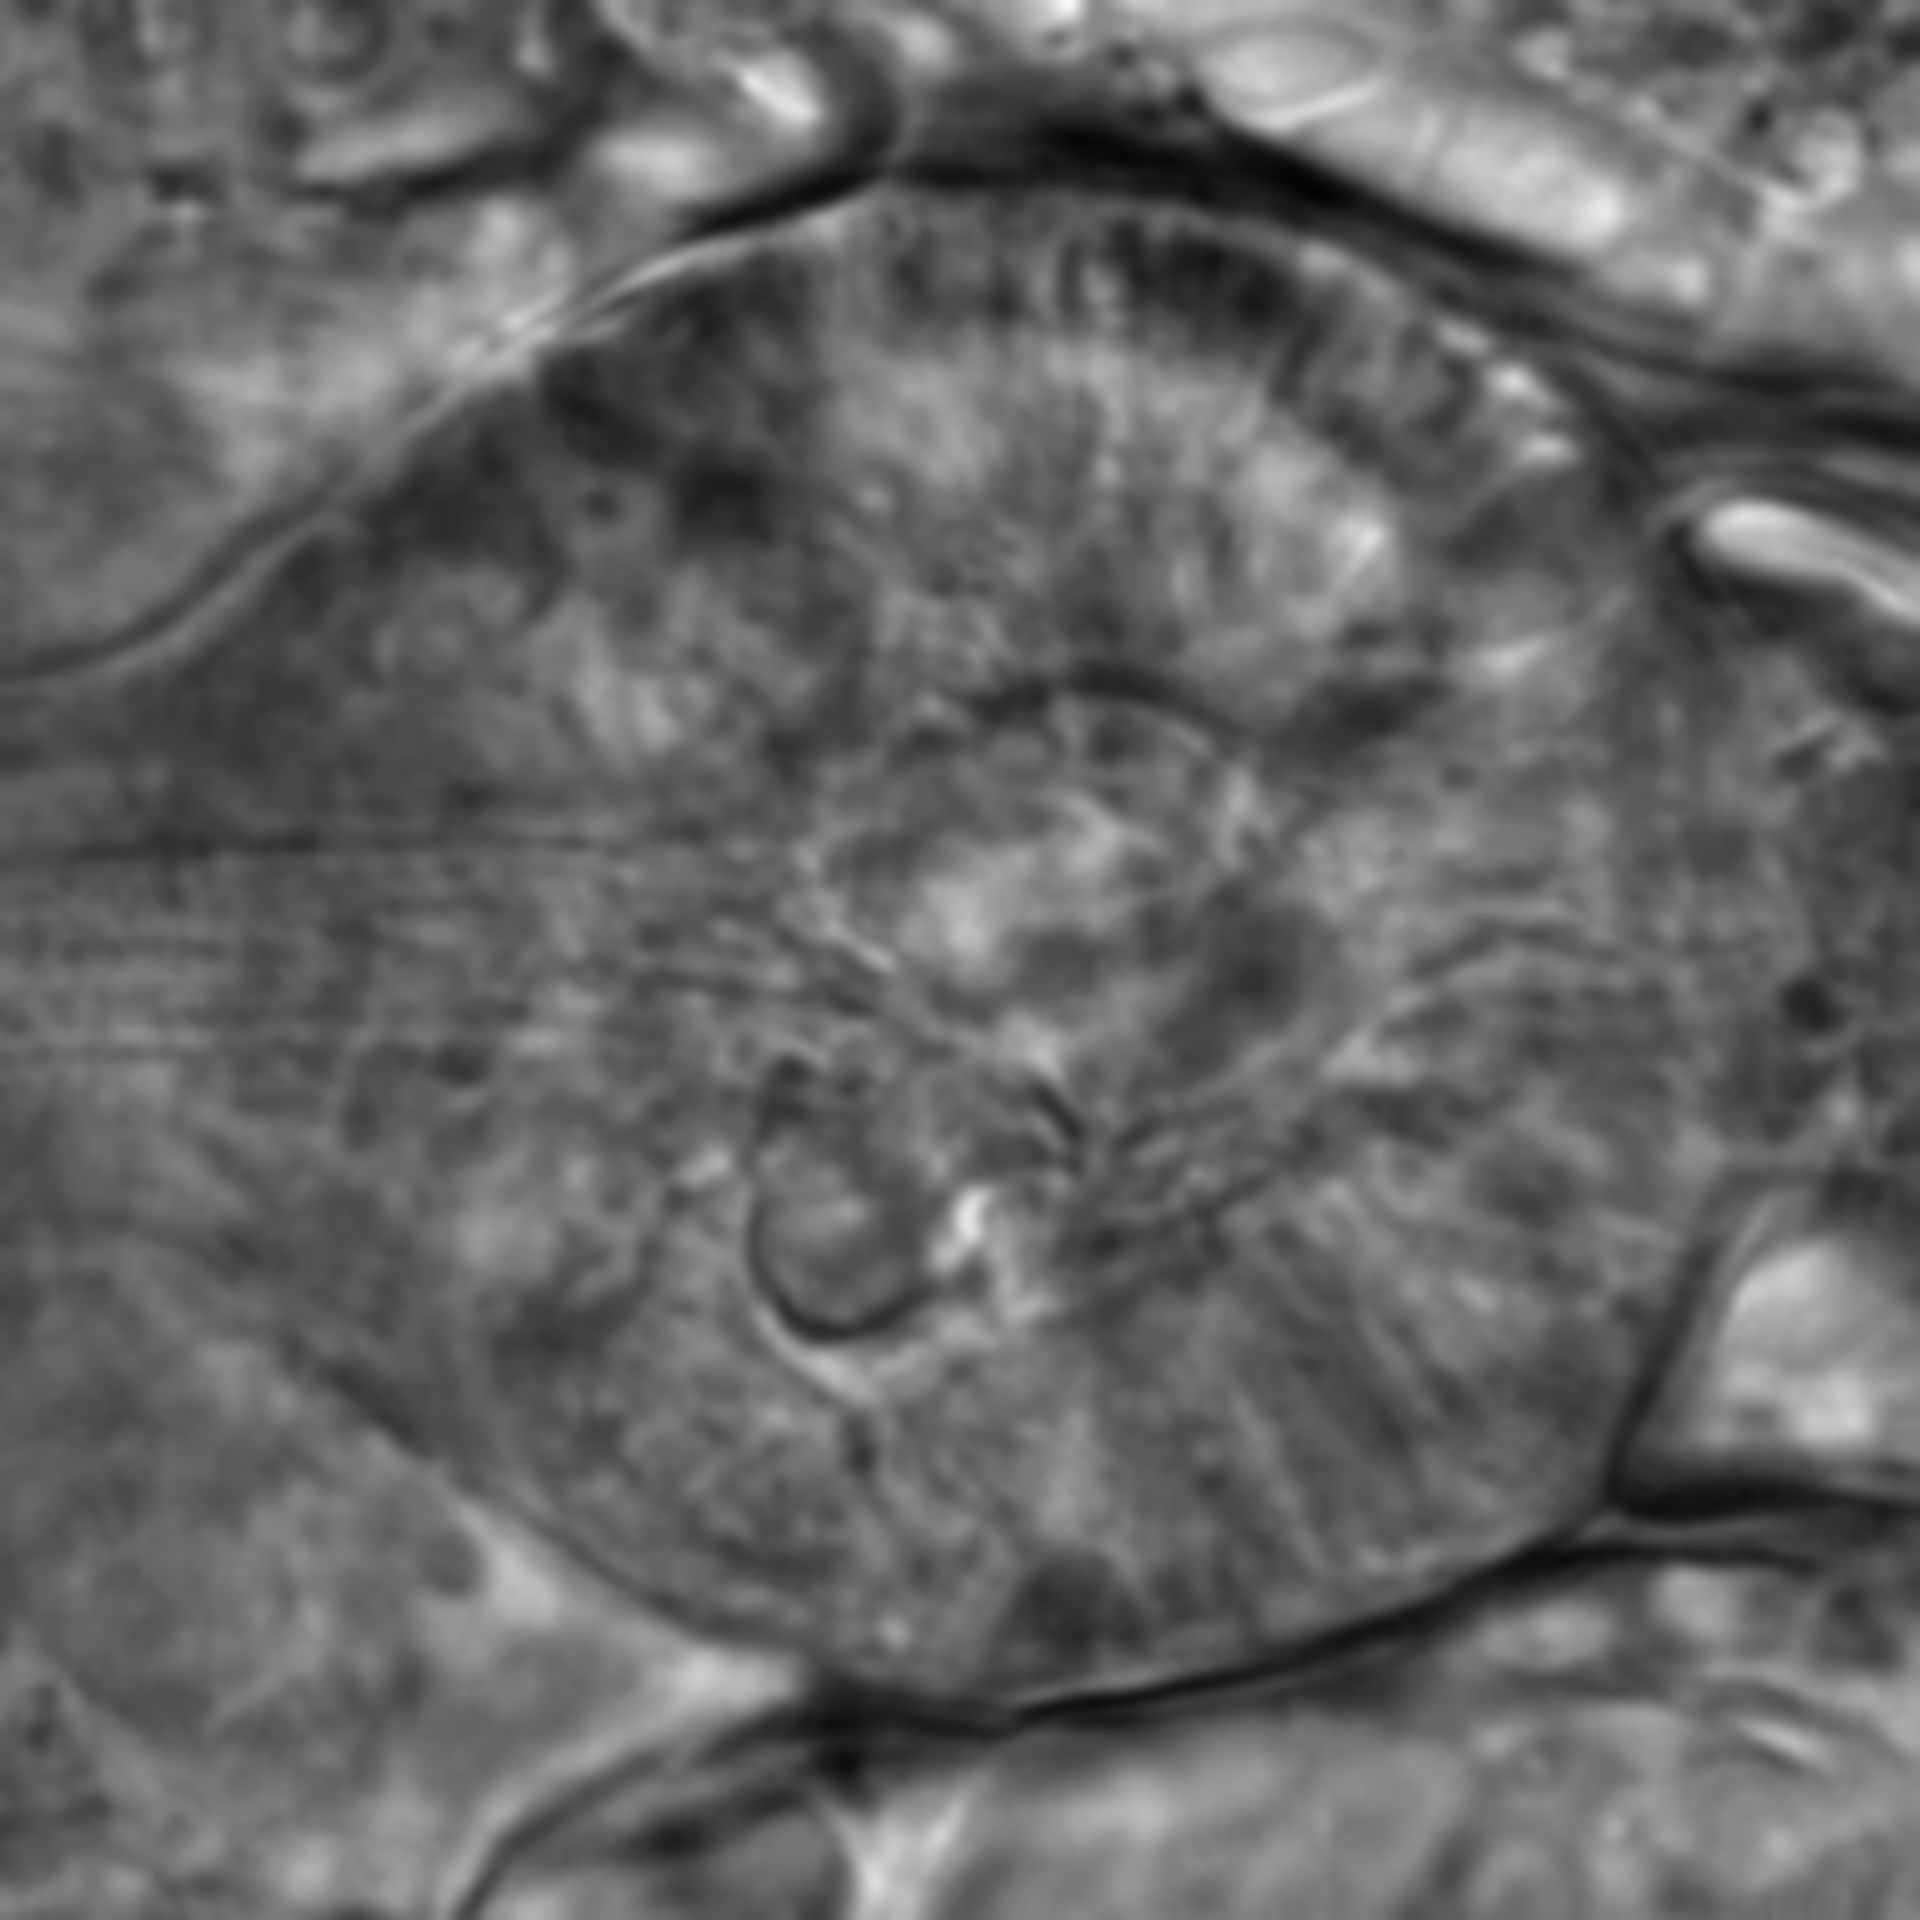 Caenorhabditis elegans - CIL:2578